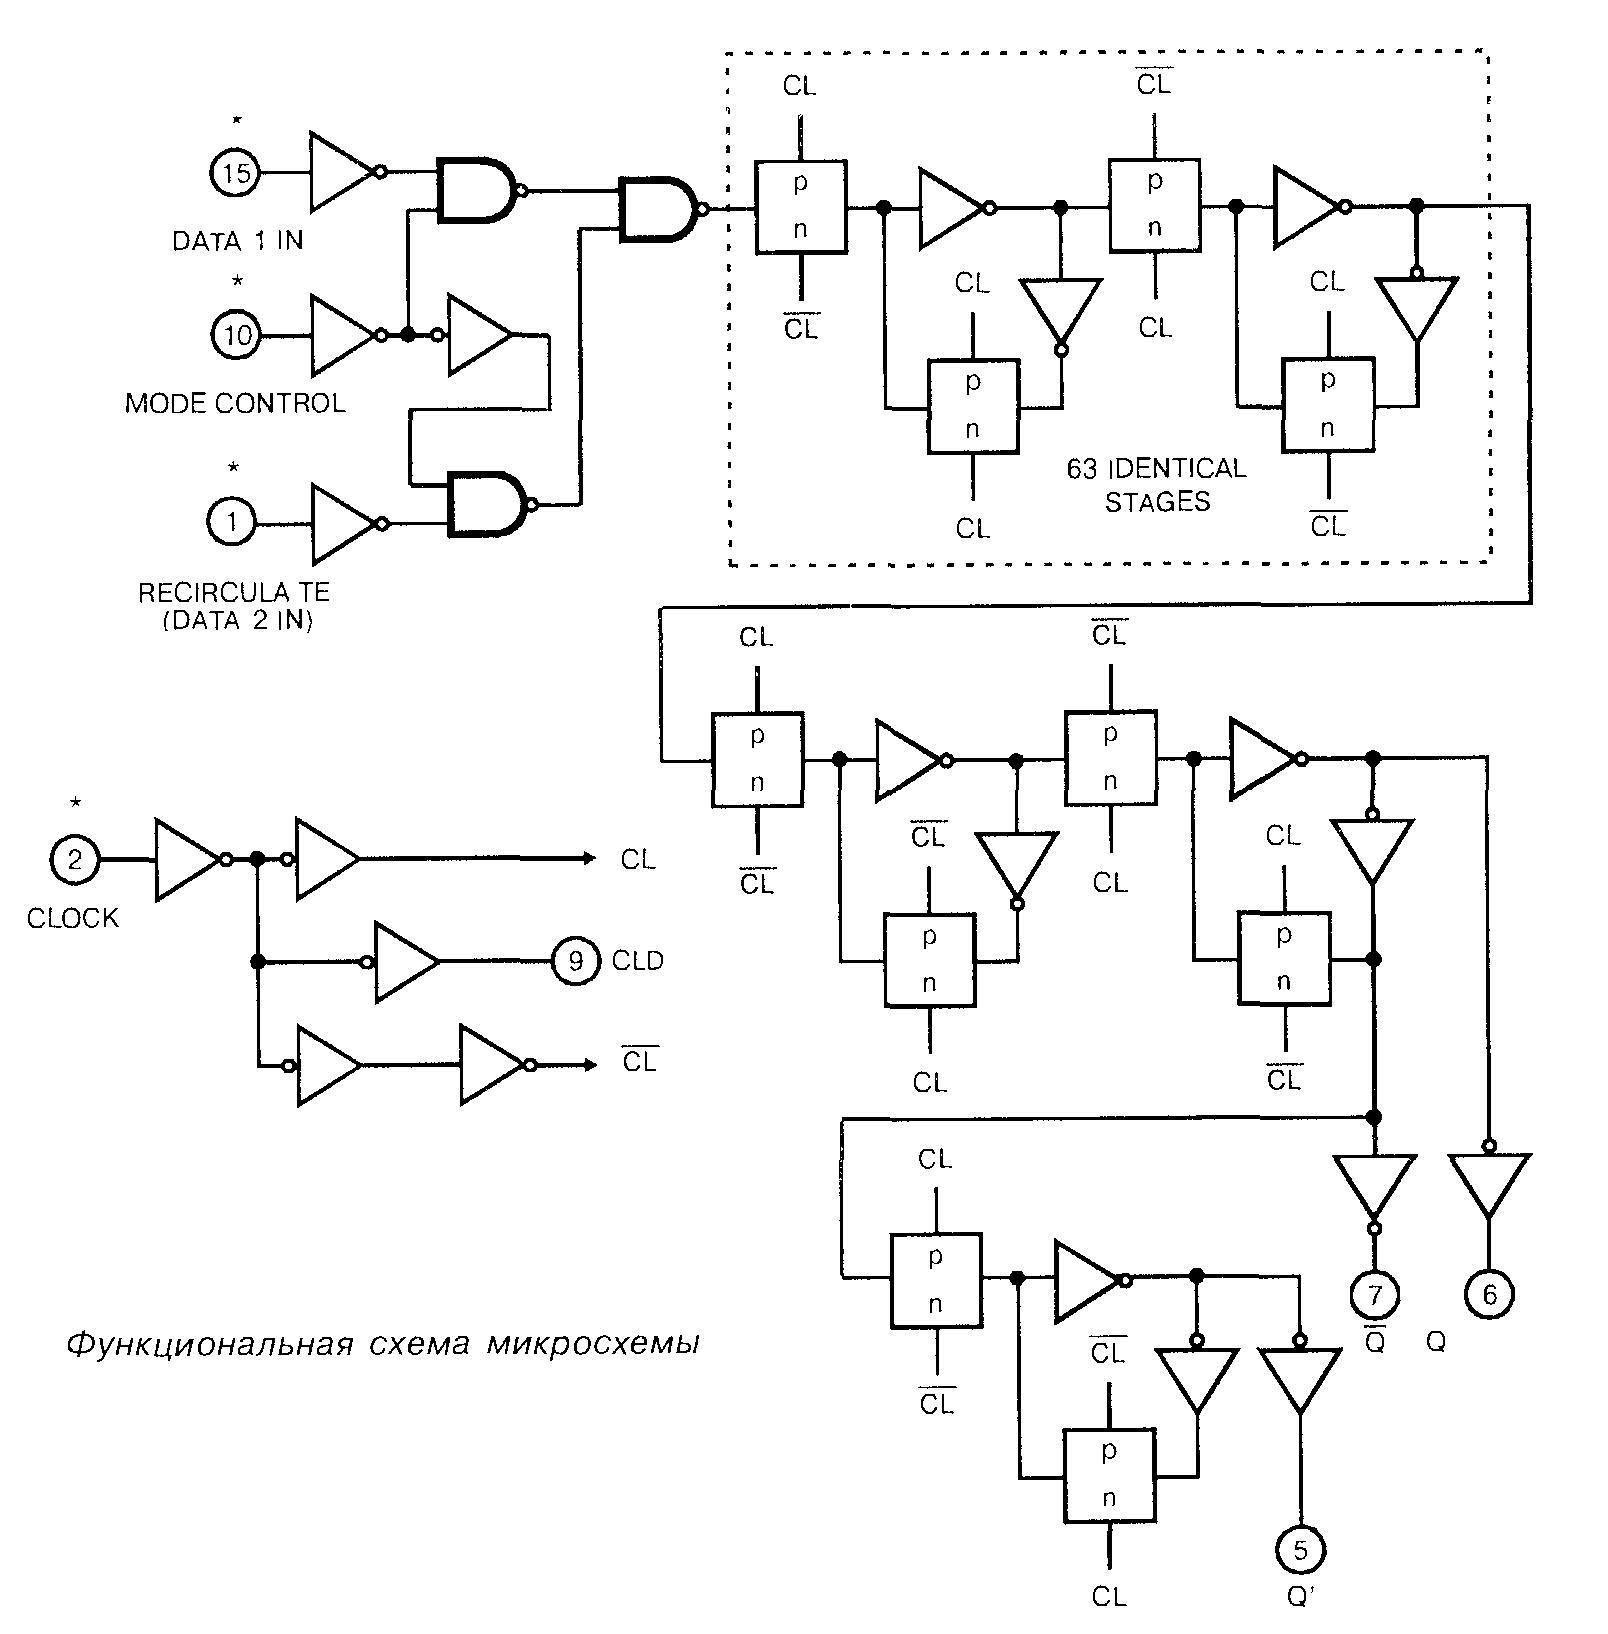 Микросхема 4031 - функциональная схема